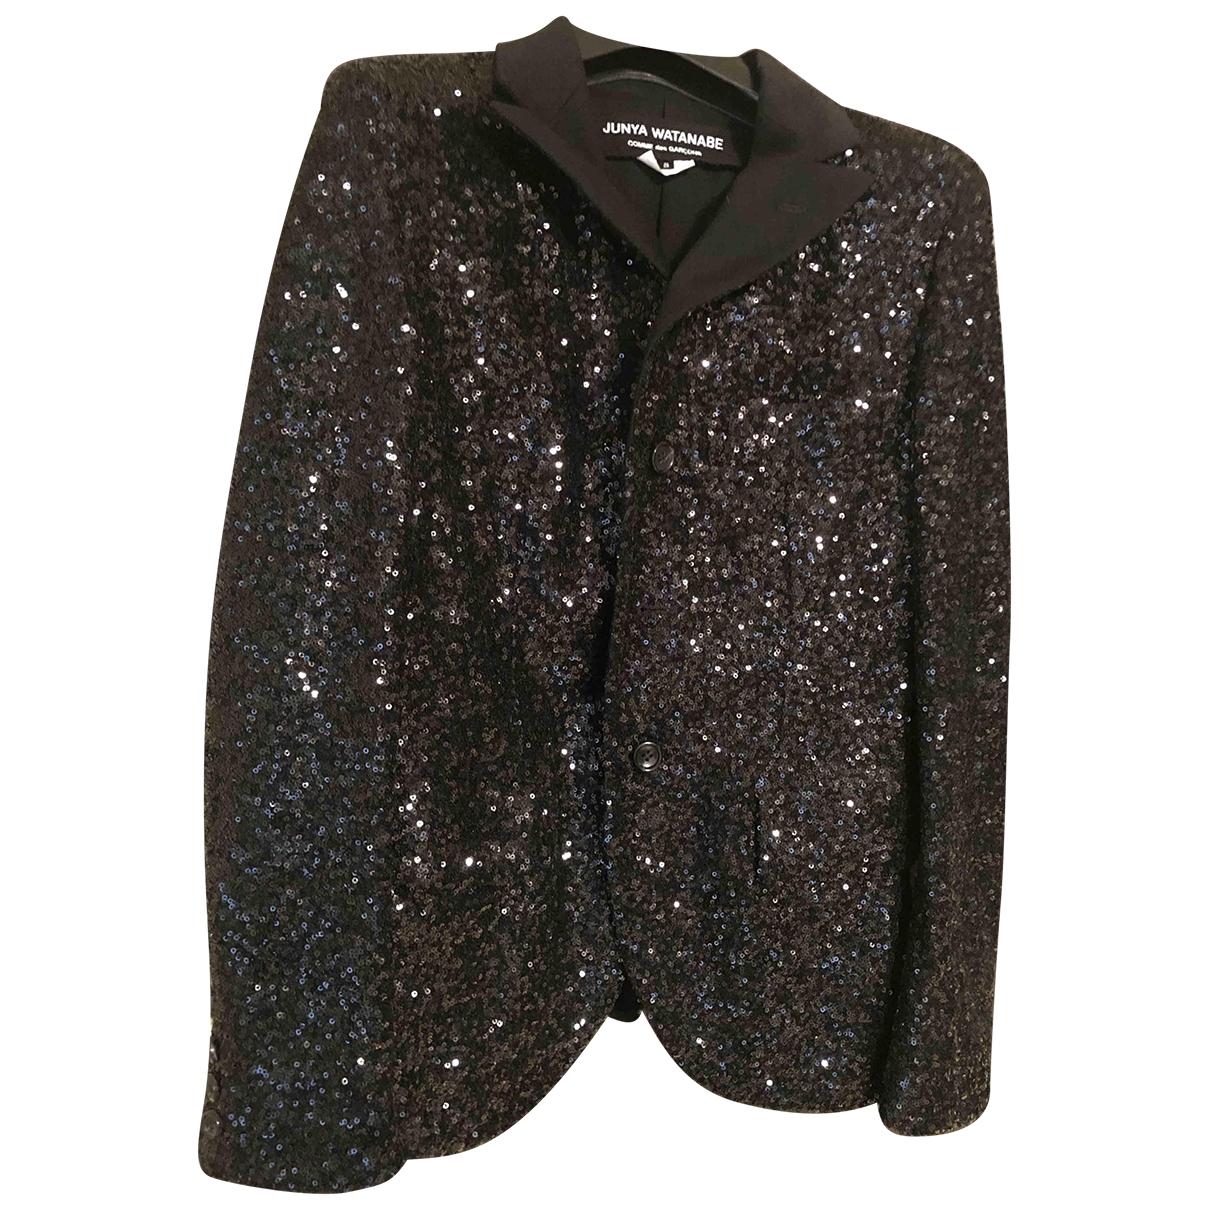 Junya Watanabe \N Black Wool jacket for Women S International